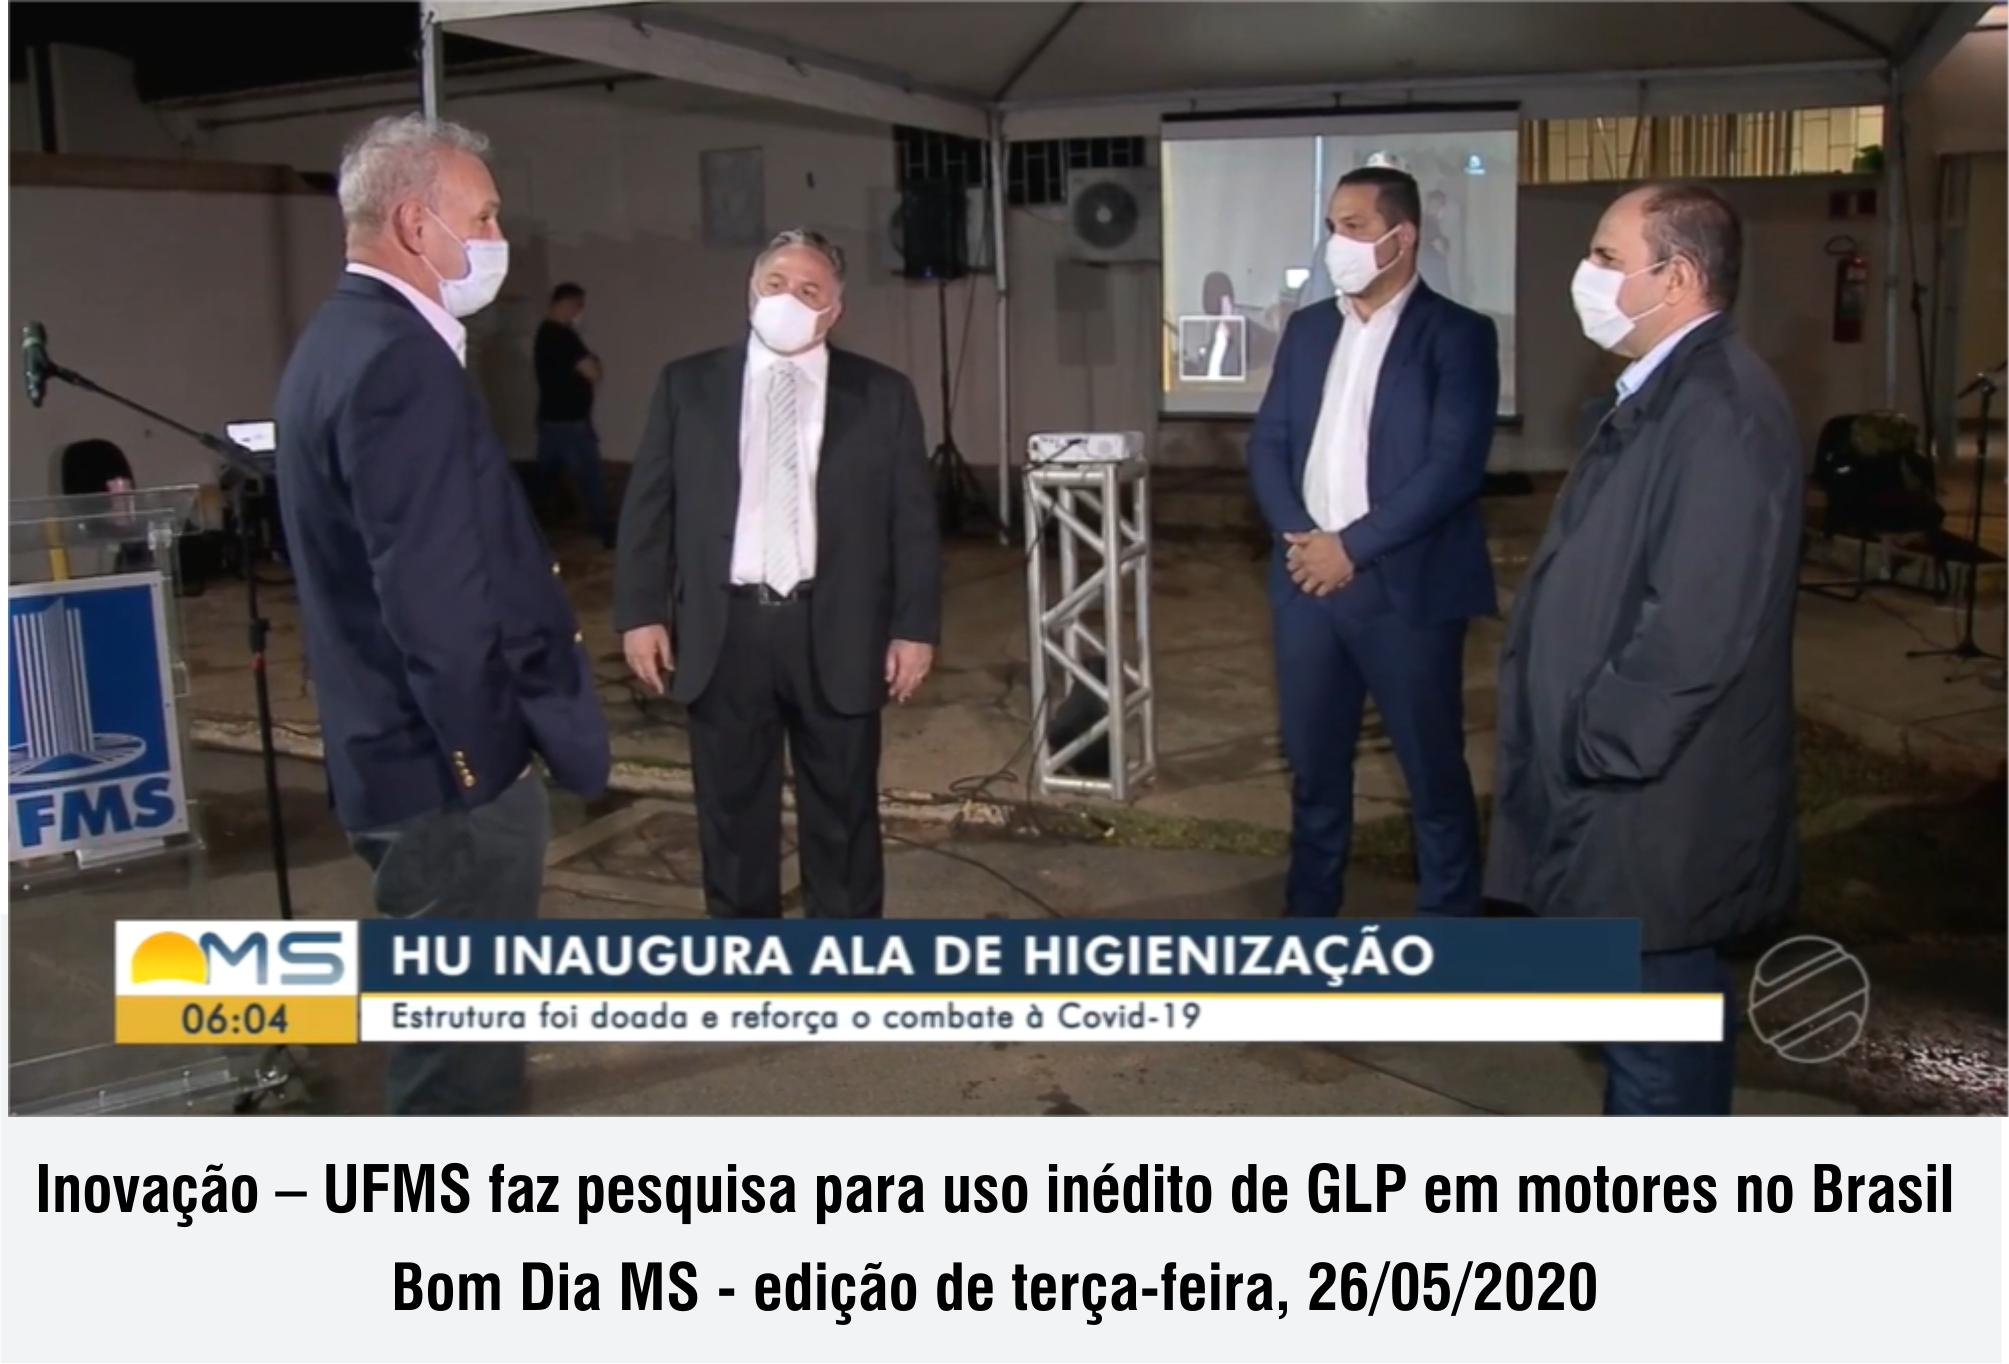 MSTV - Inovação – UFMS faz pesquisa para uso inédito de GLP em motores no Brasil